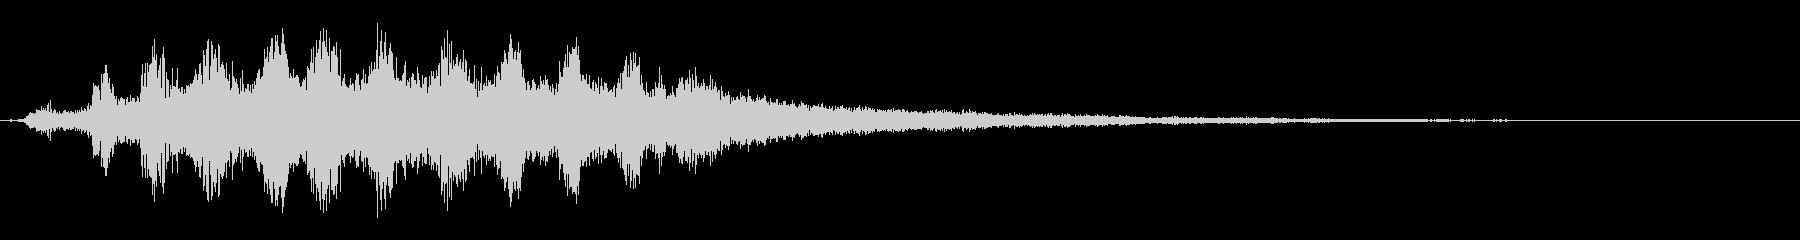 ハロウィン/ホラーに最適な不気味な笑い声の未再生の波形